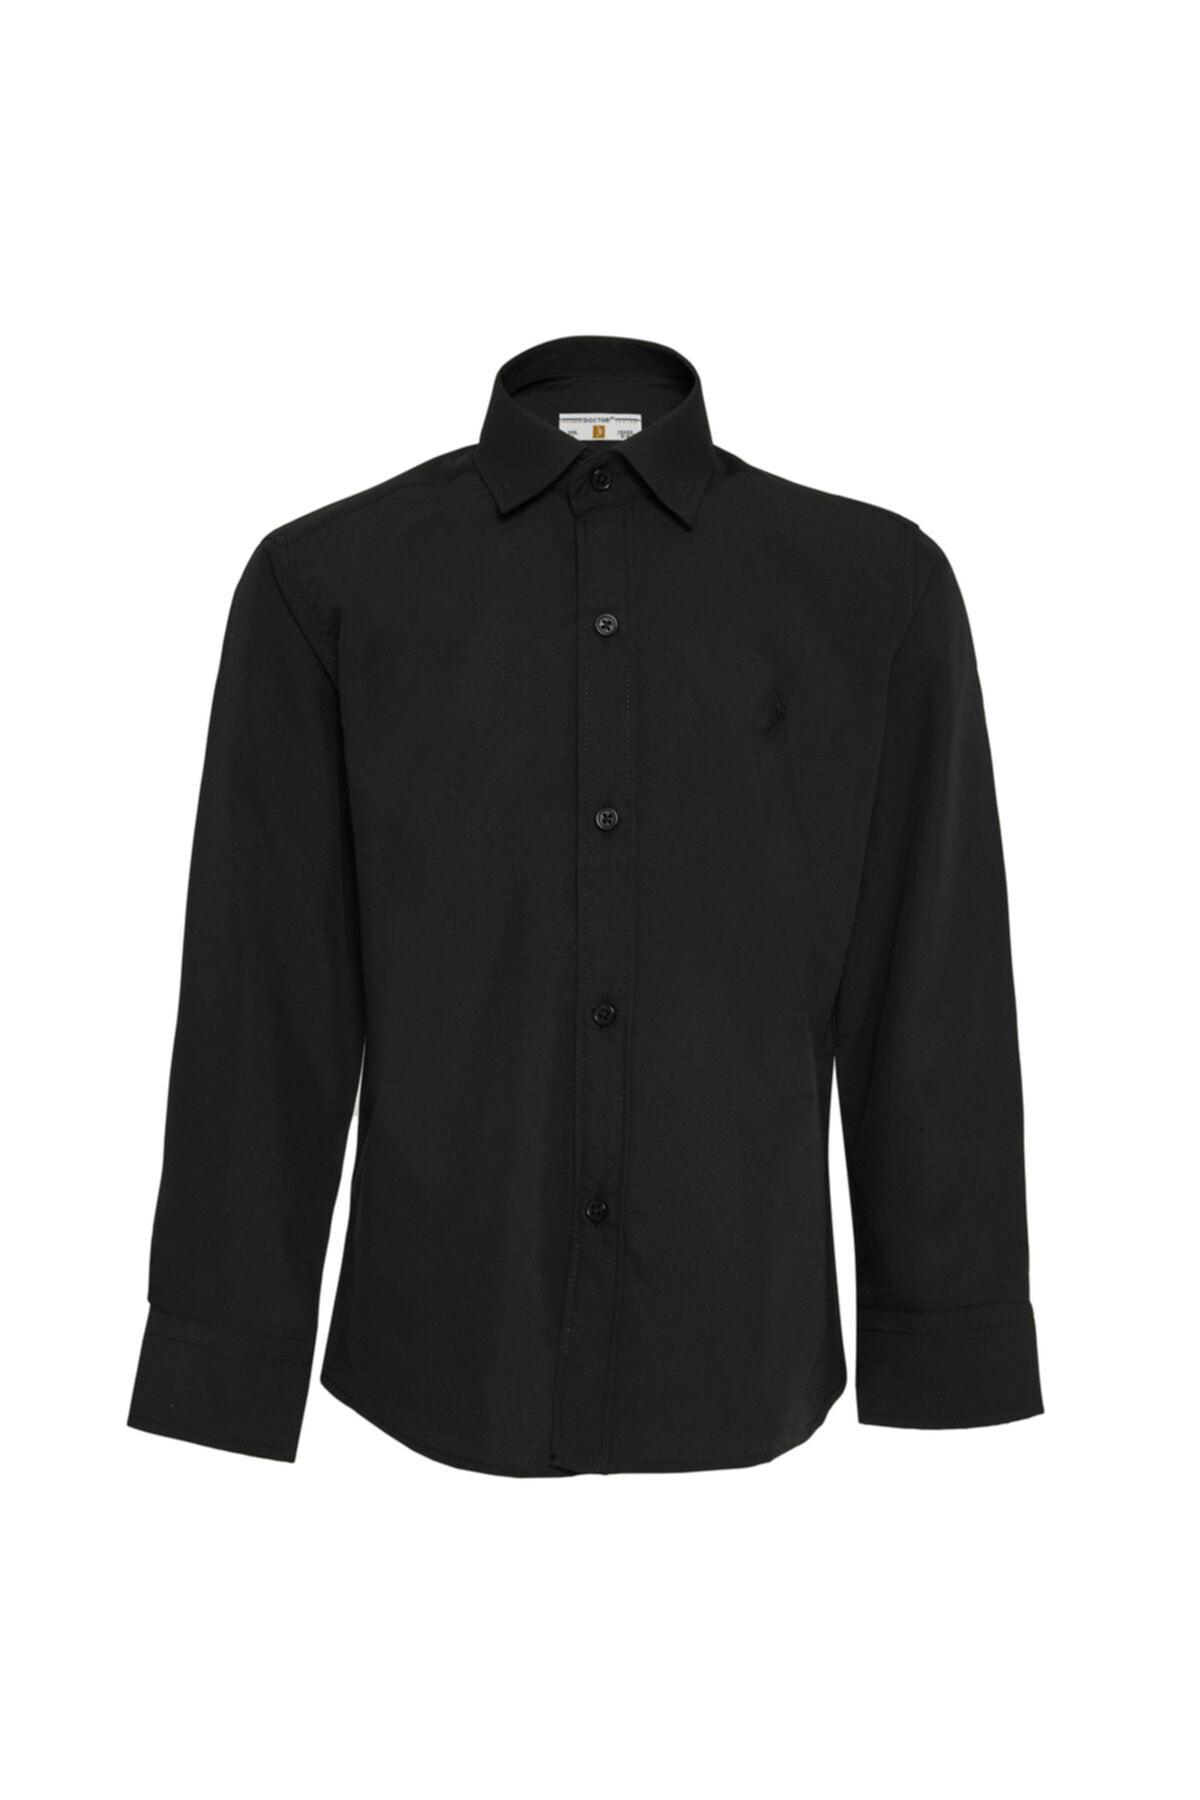 Erkek Çocuk Siyah Gömlek